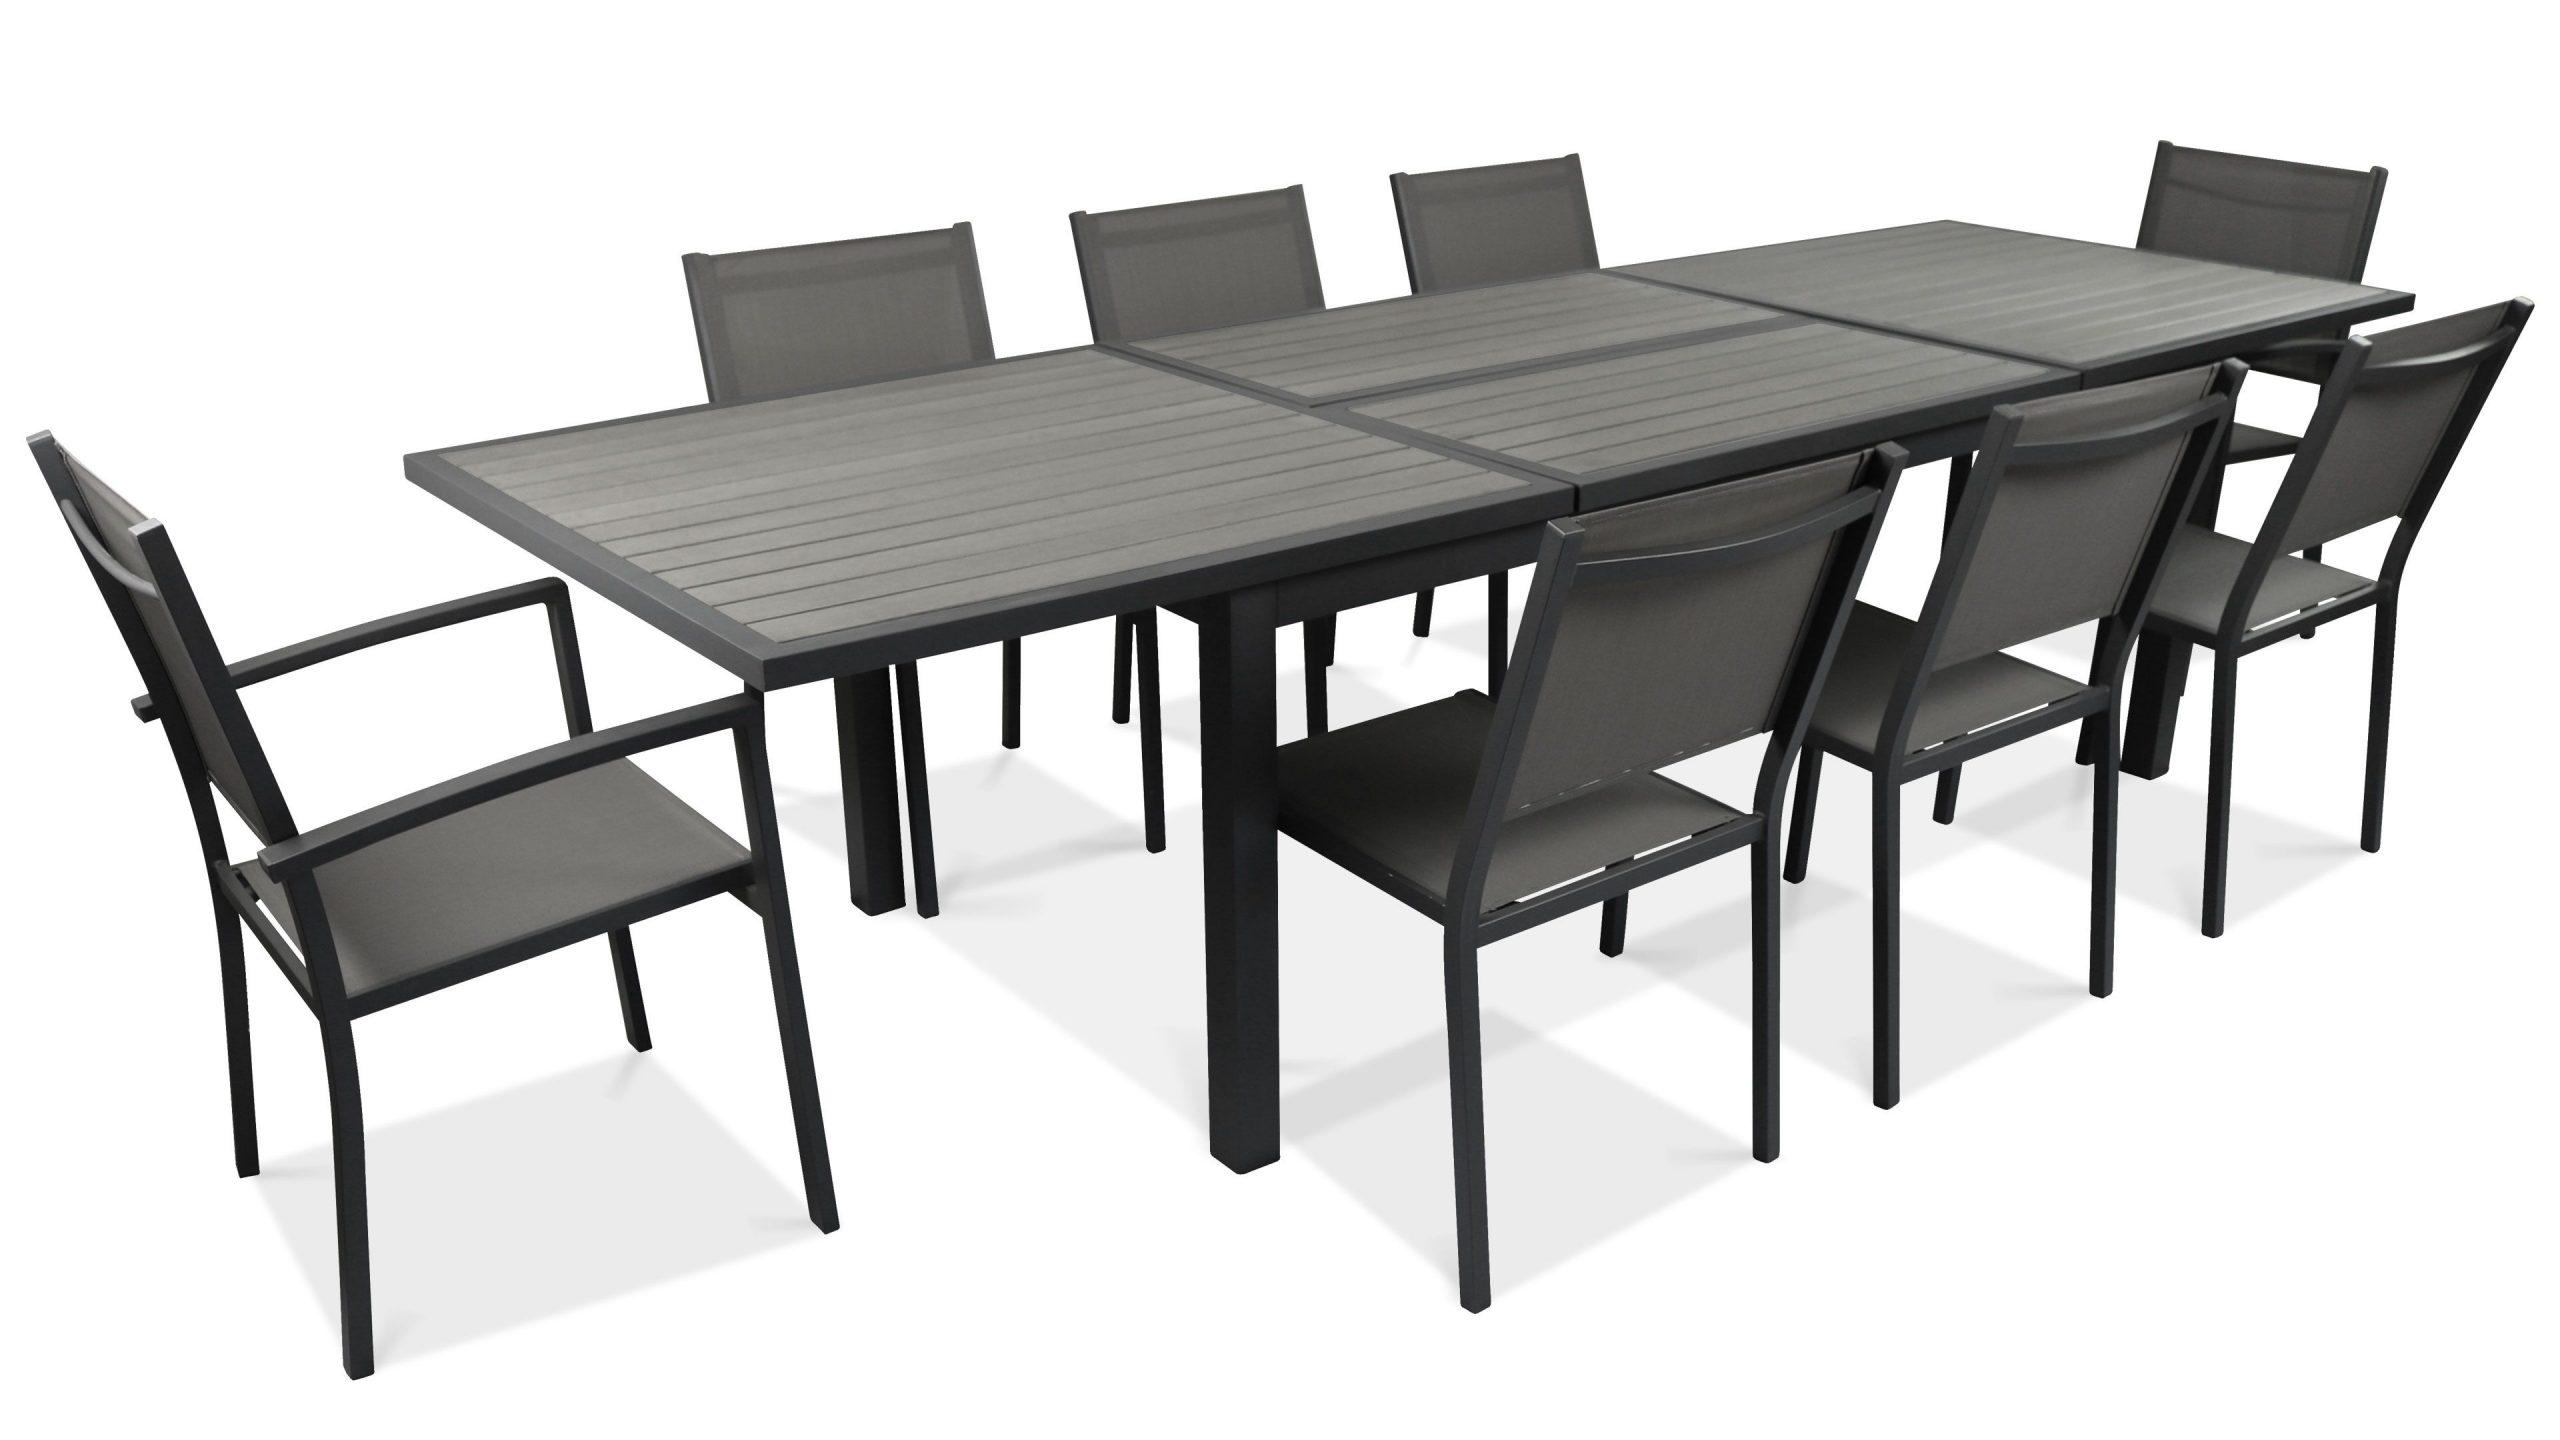 Salon Table De Jardin Extensible 10 Places encequiconcerne Table De Jardin En Solde